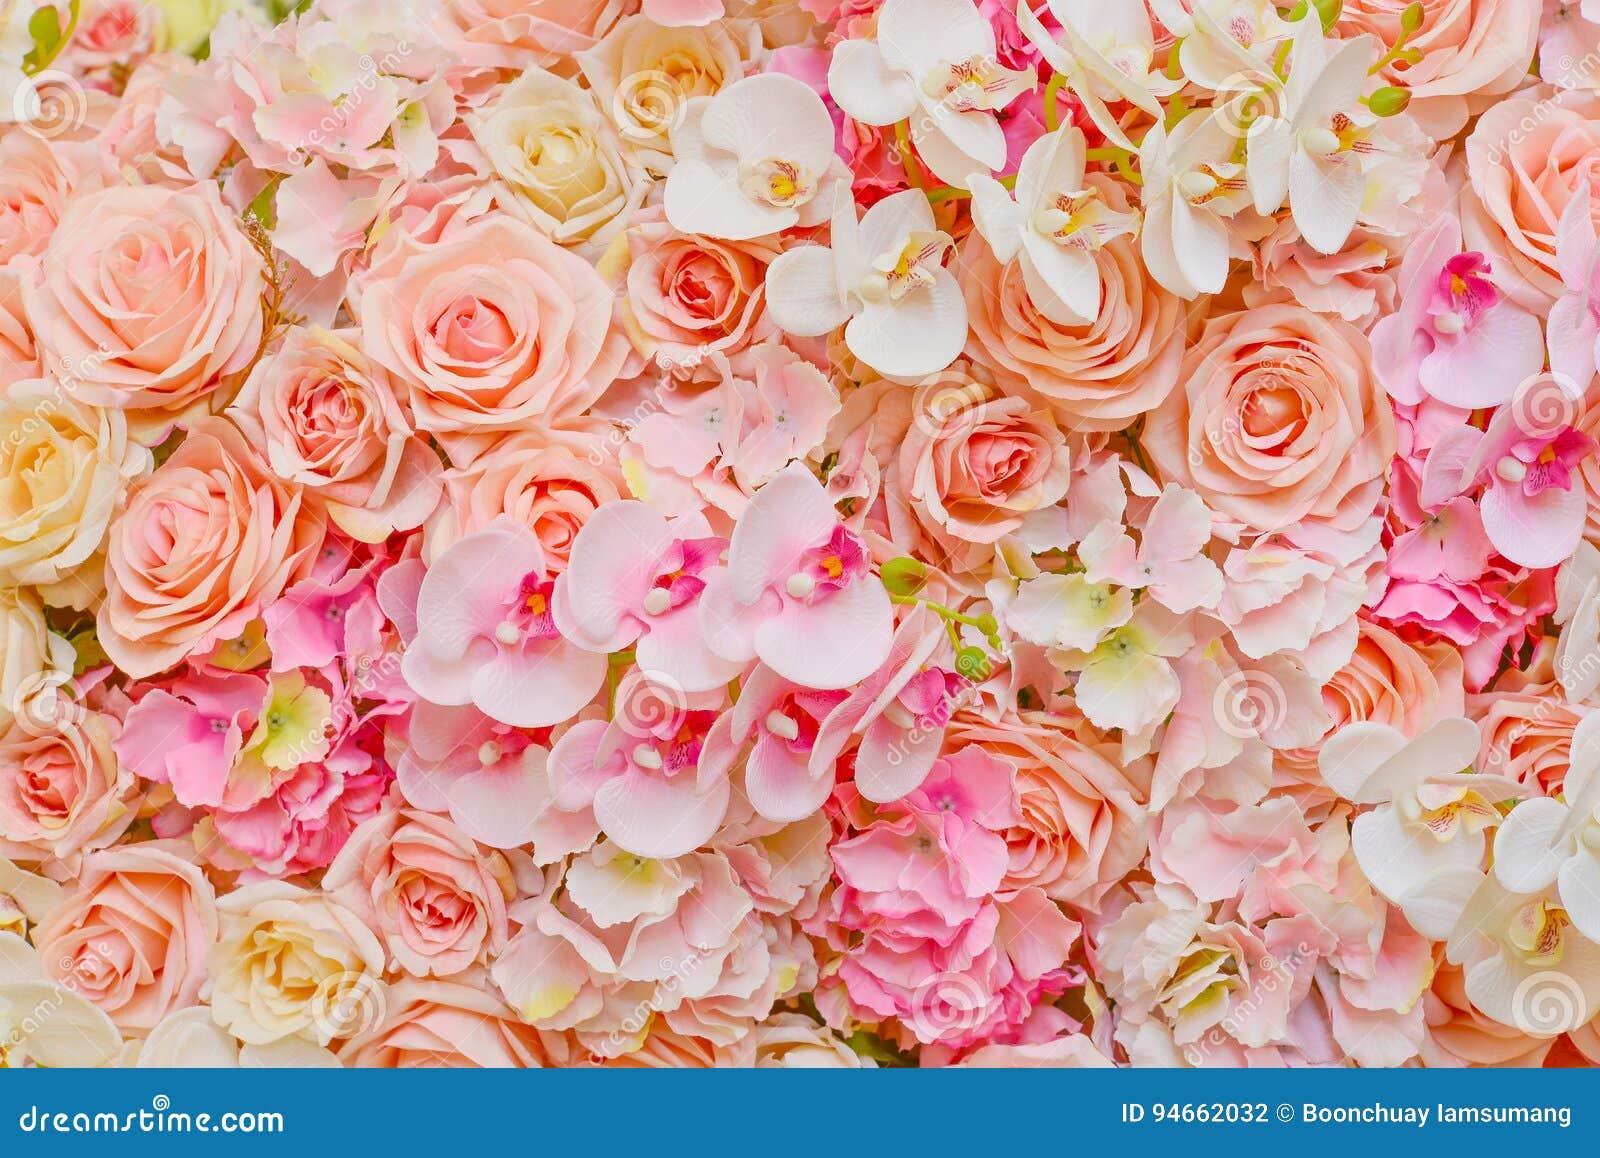 Flores falsas de rosas y de orquídeas rosadas hermosas para casarse